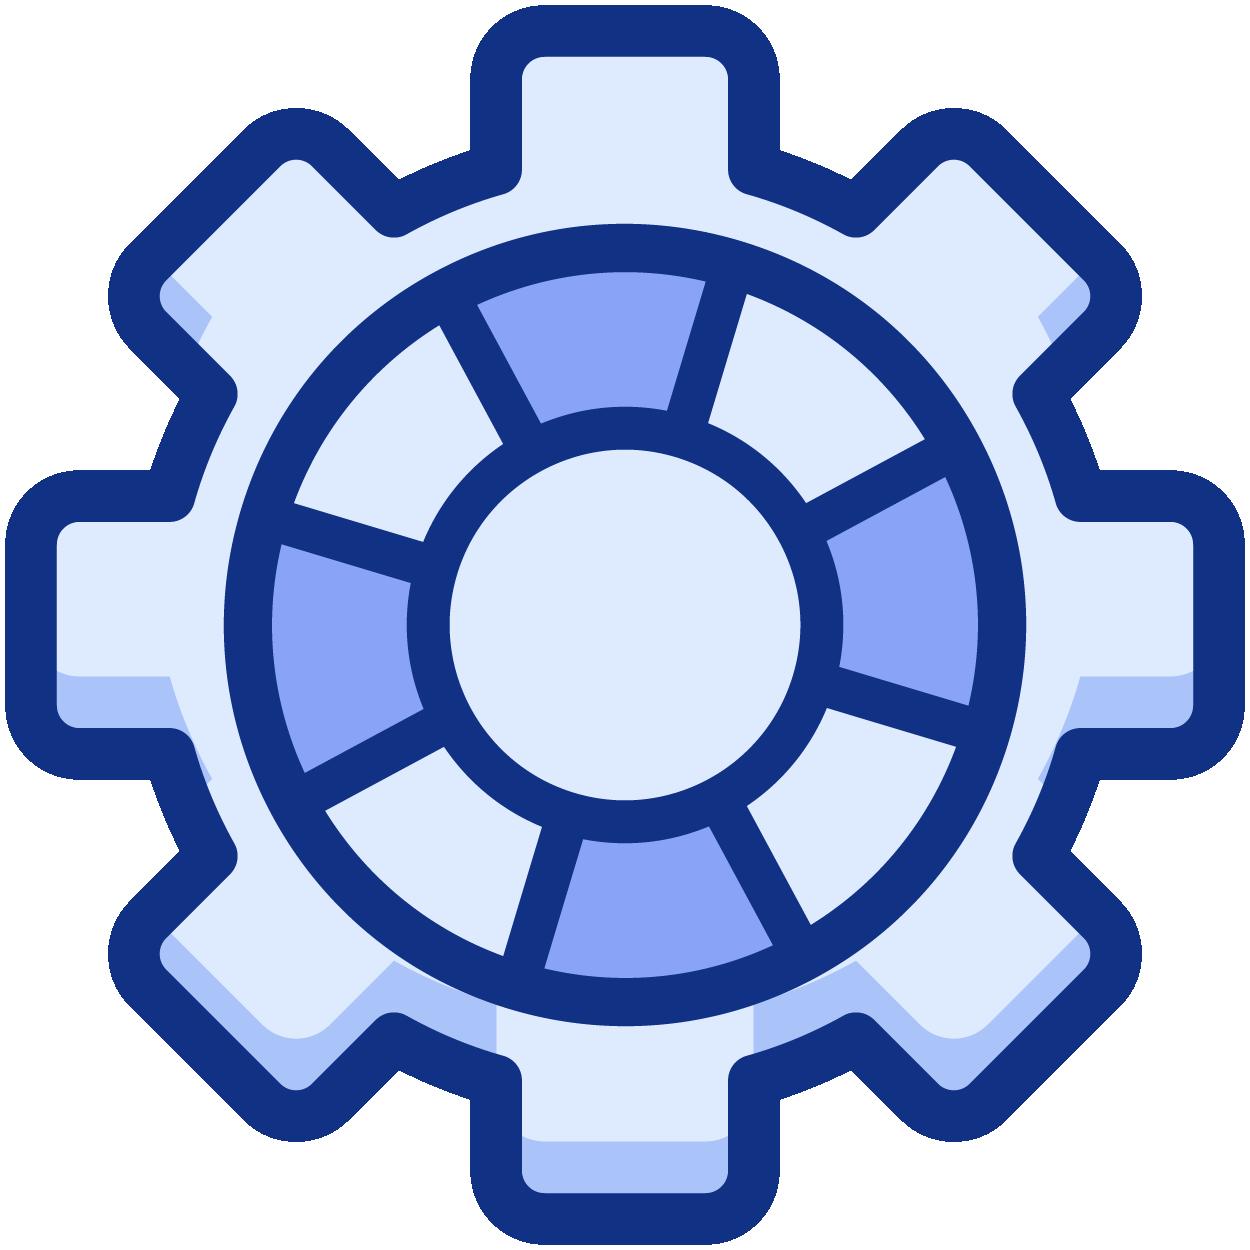 Games Developer icon